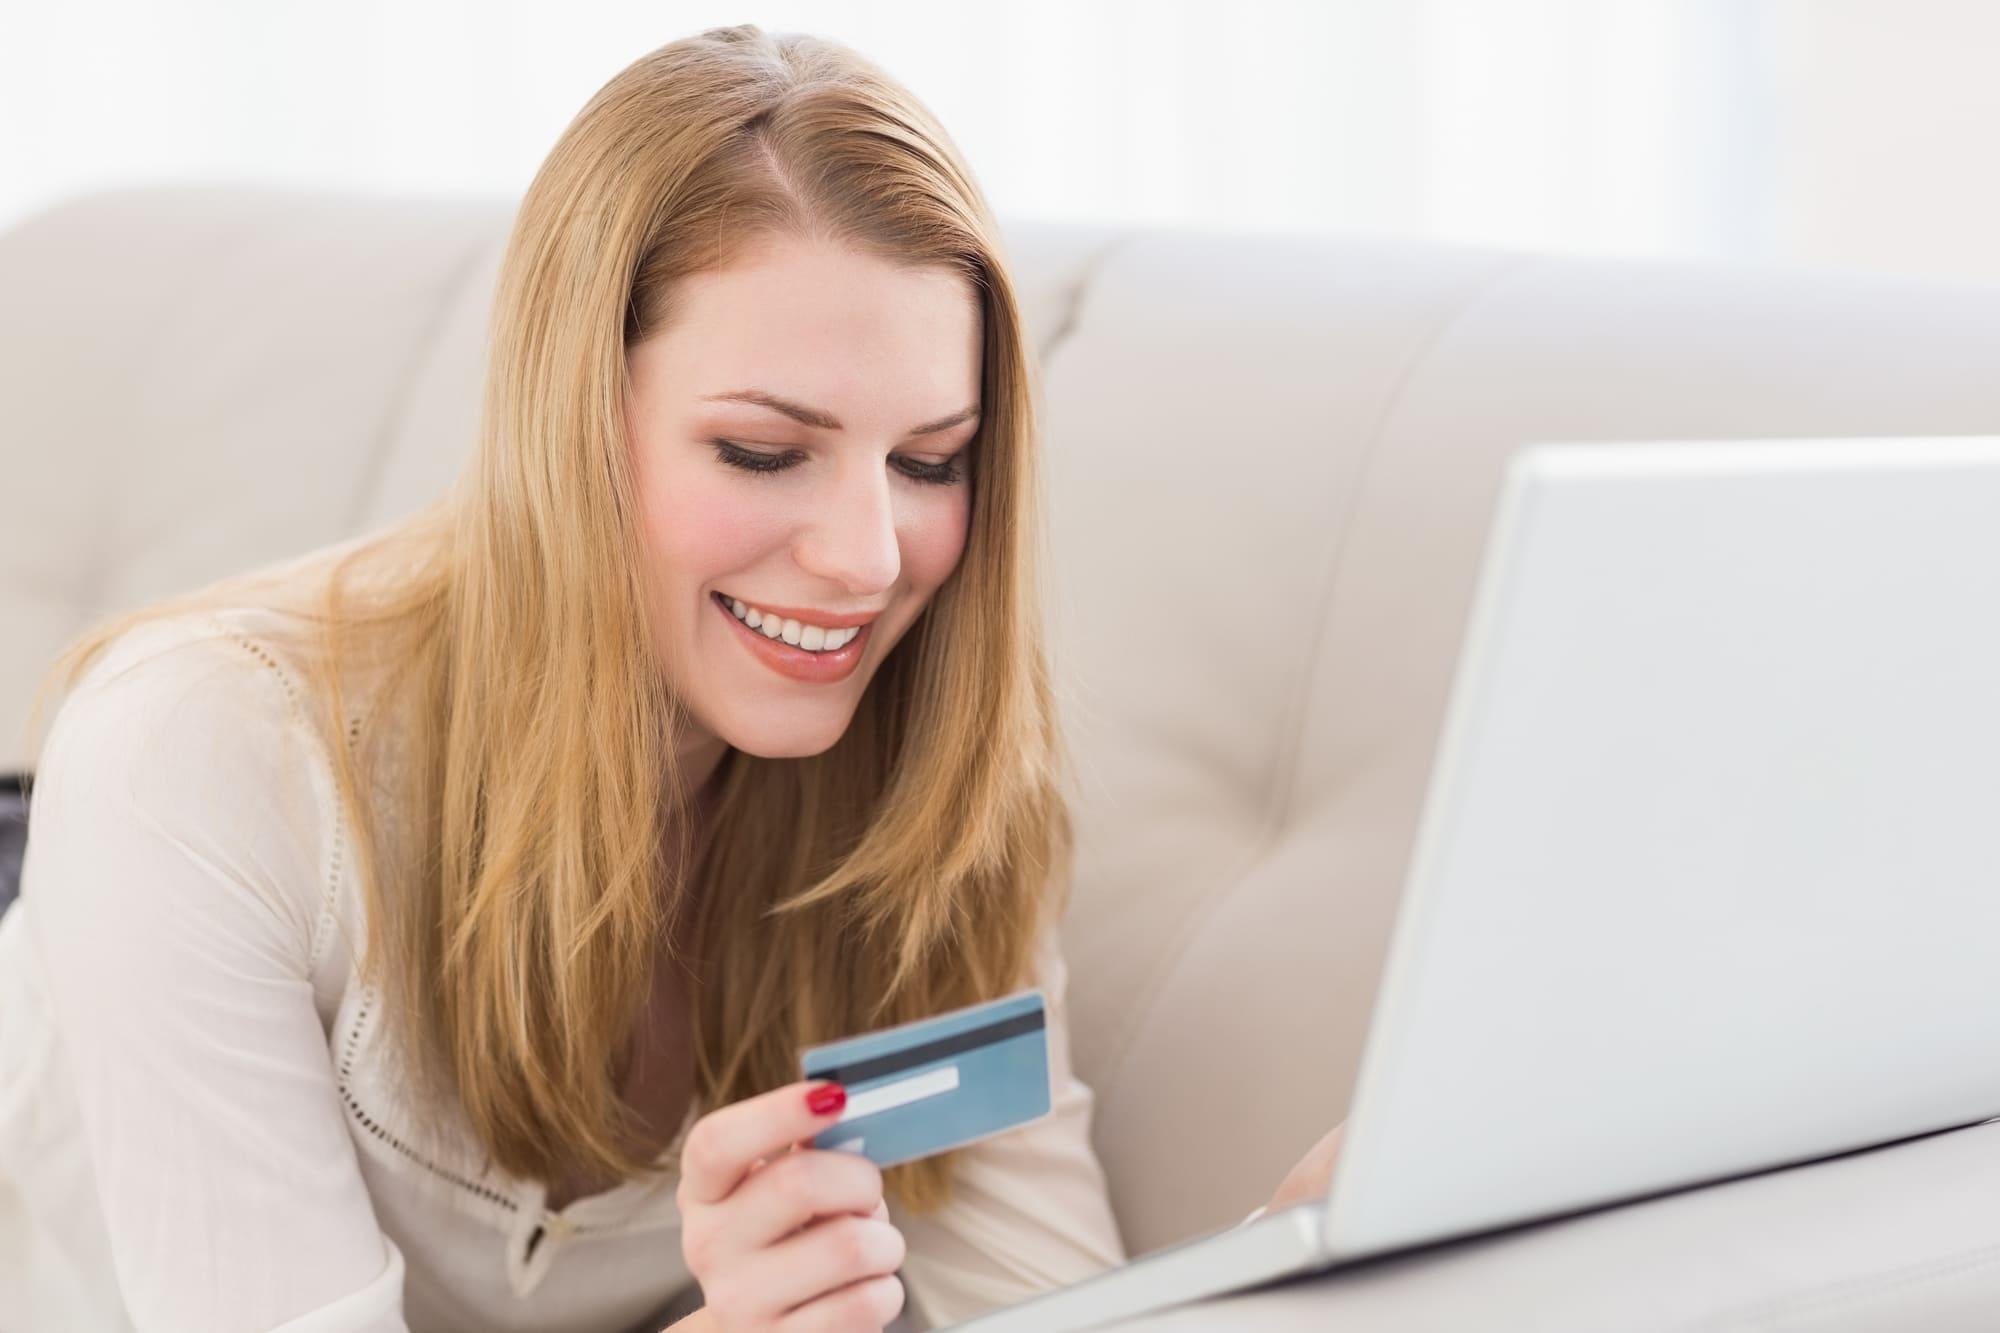 【アメックス】プラチナ・カードがインビテーションなしでオンラインからの申し込みが可能に!